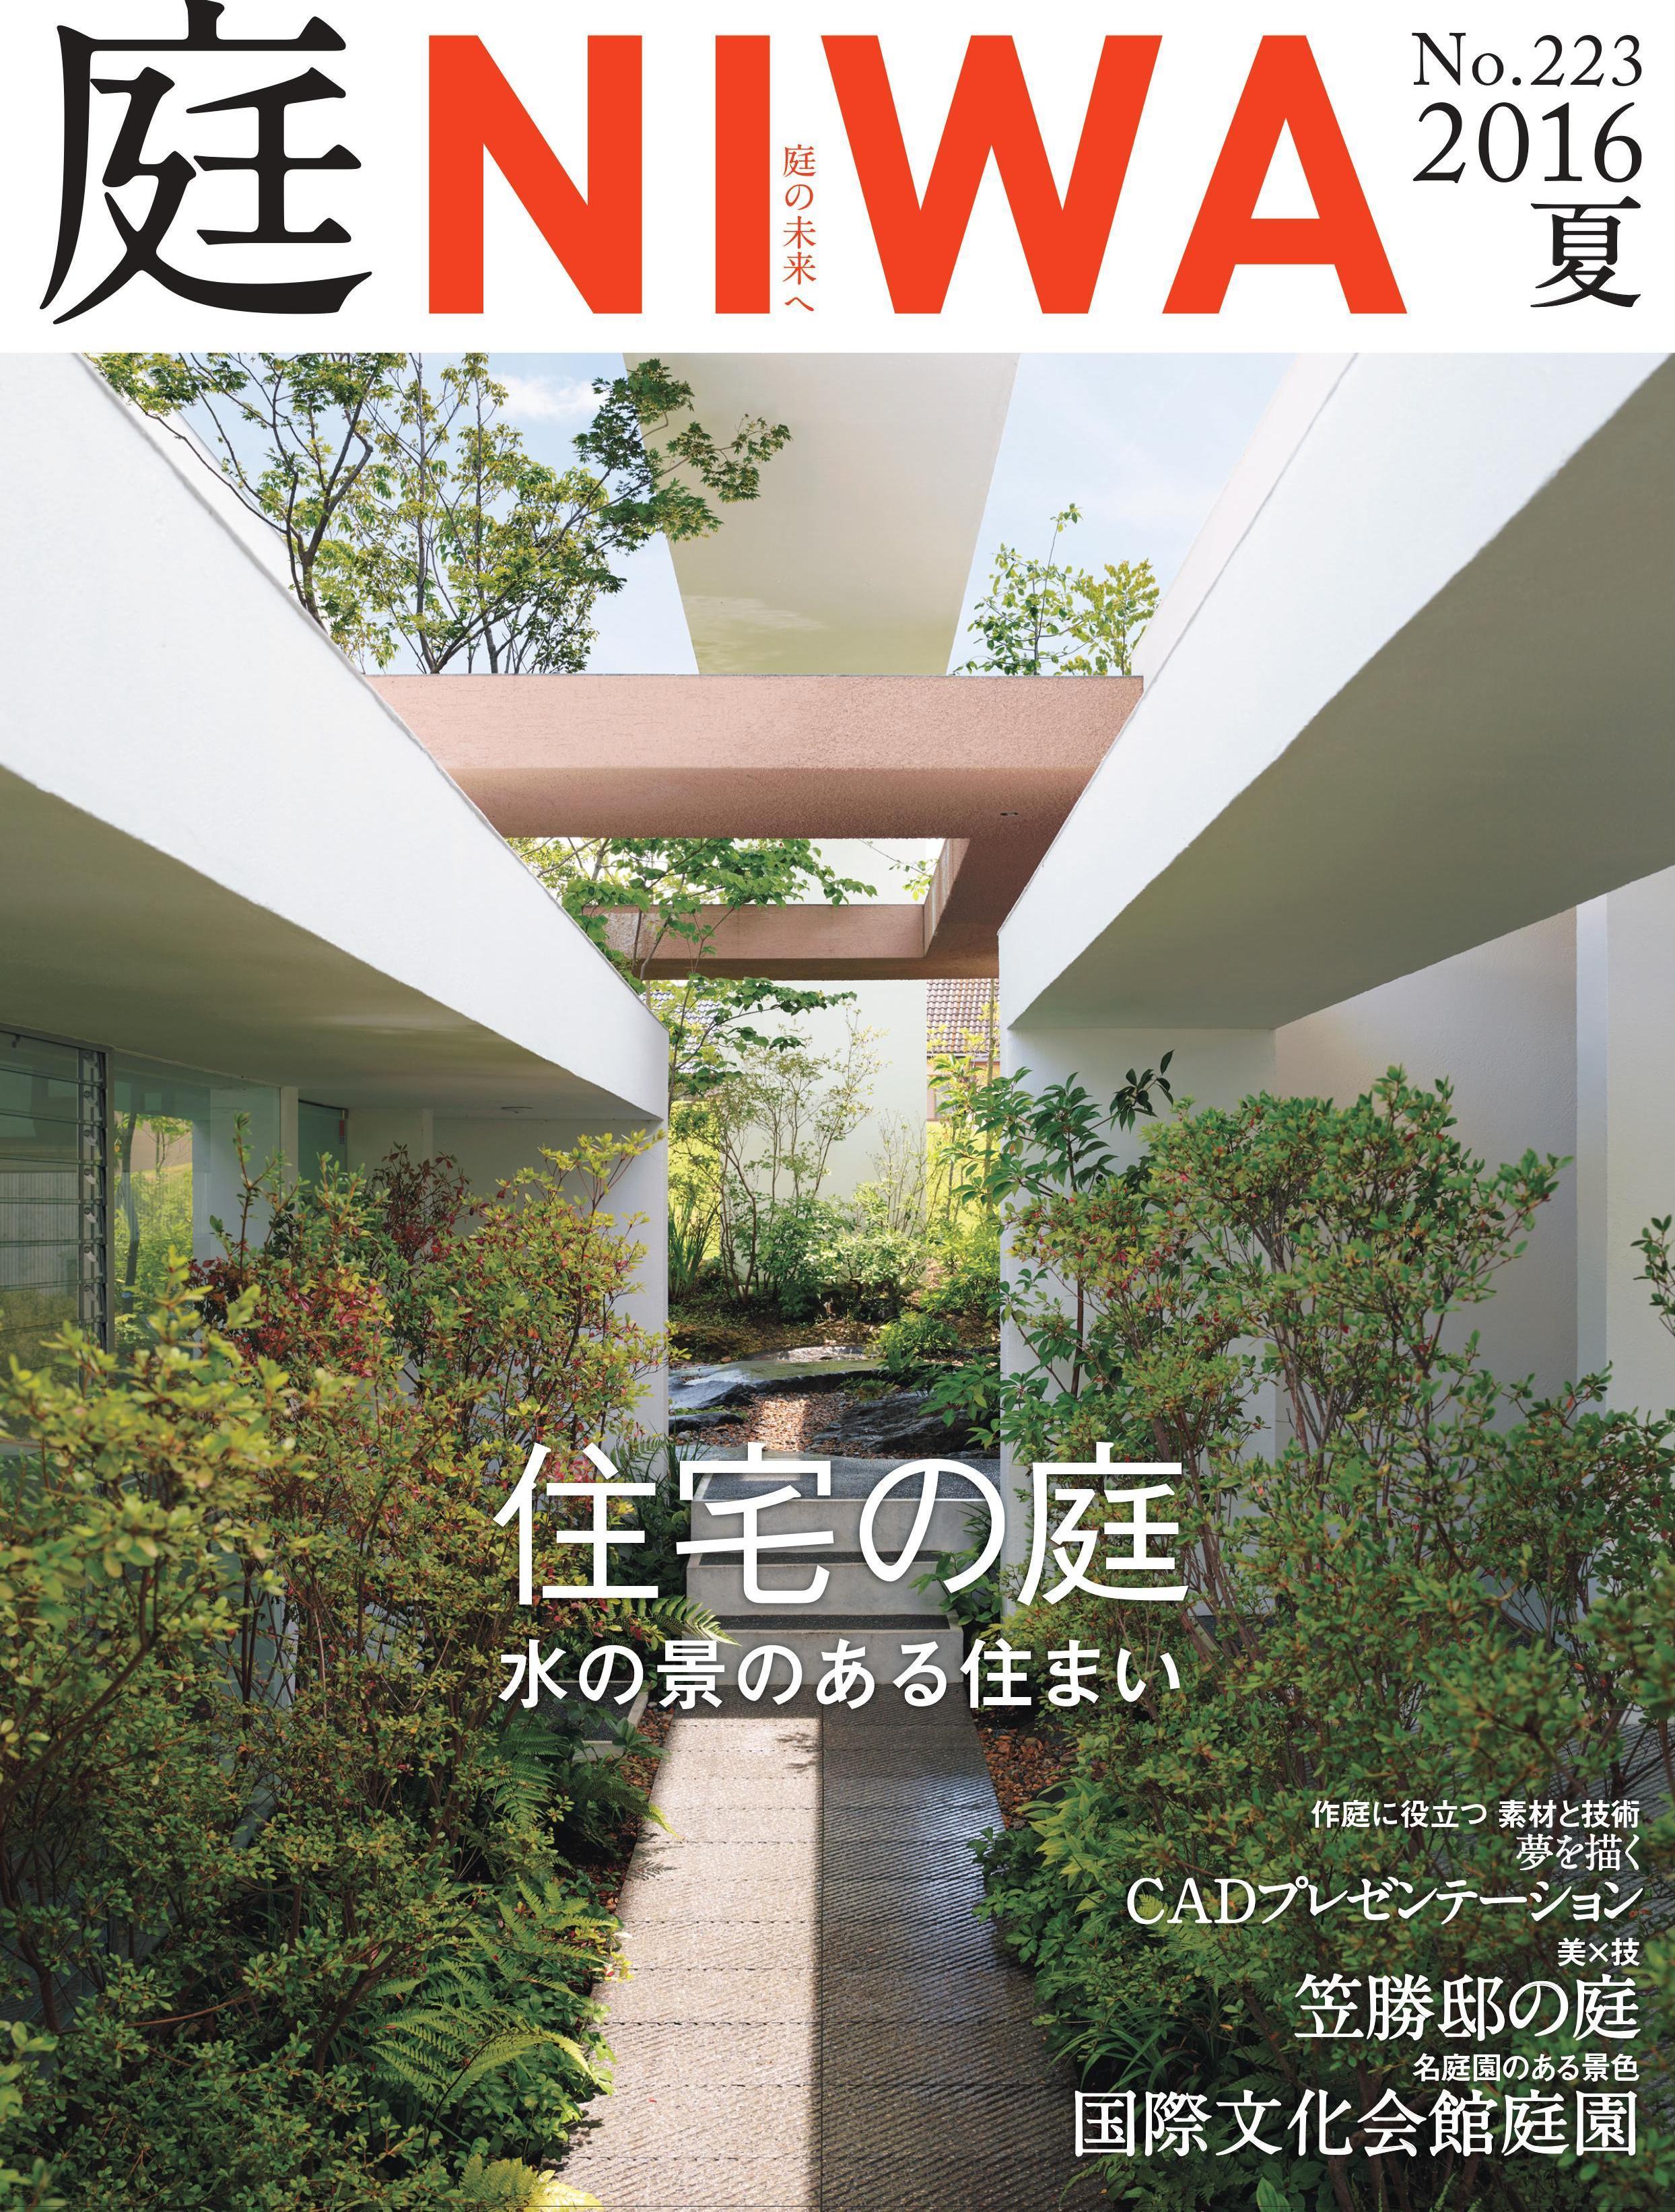 庭NIWA 『住宅の庭 水の景のある住まい』No.223 2016夏